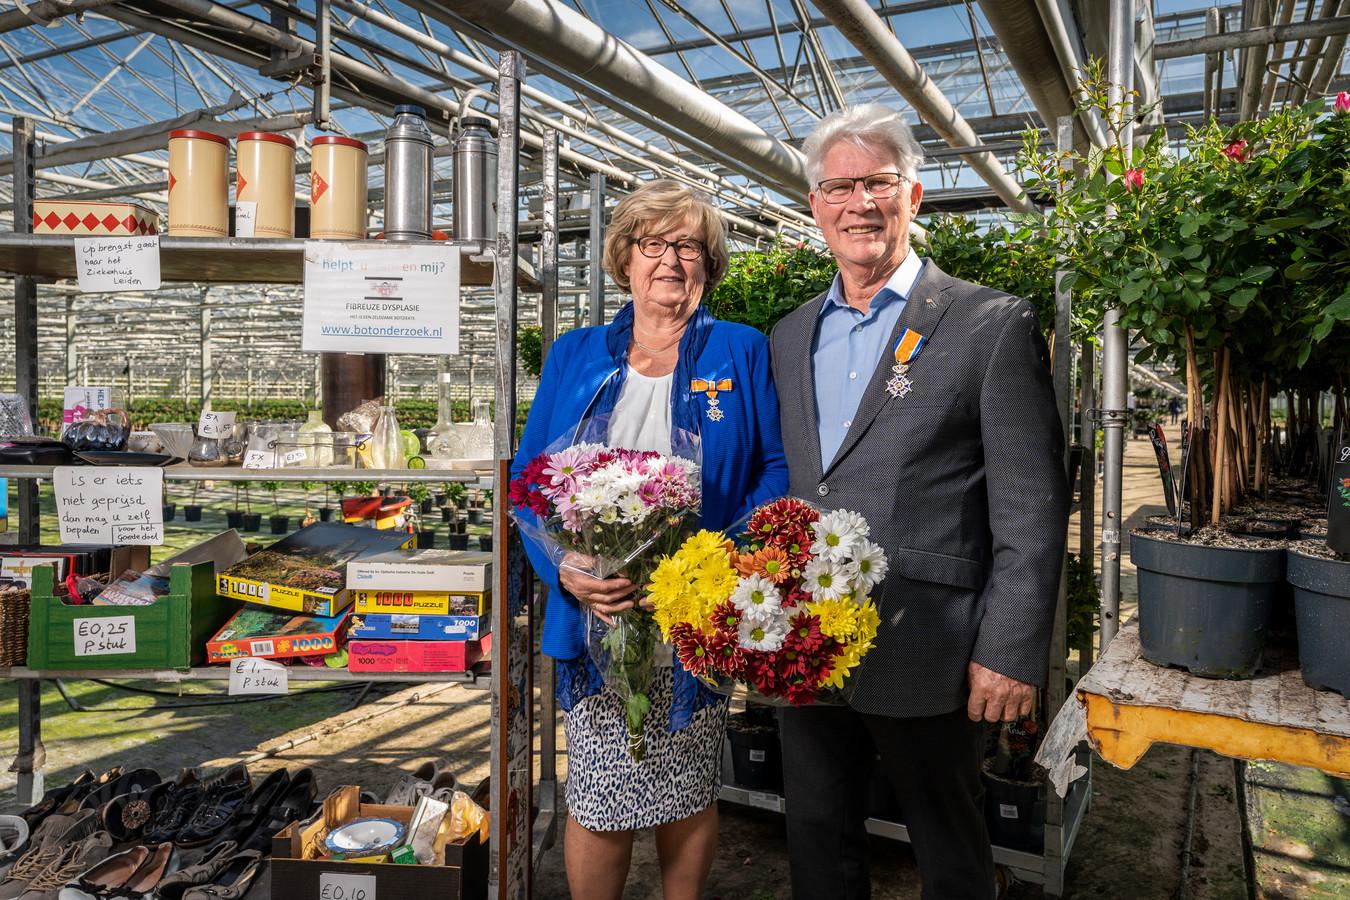 Jac en Hannie van Wijk uit Zaltbommel.